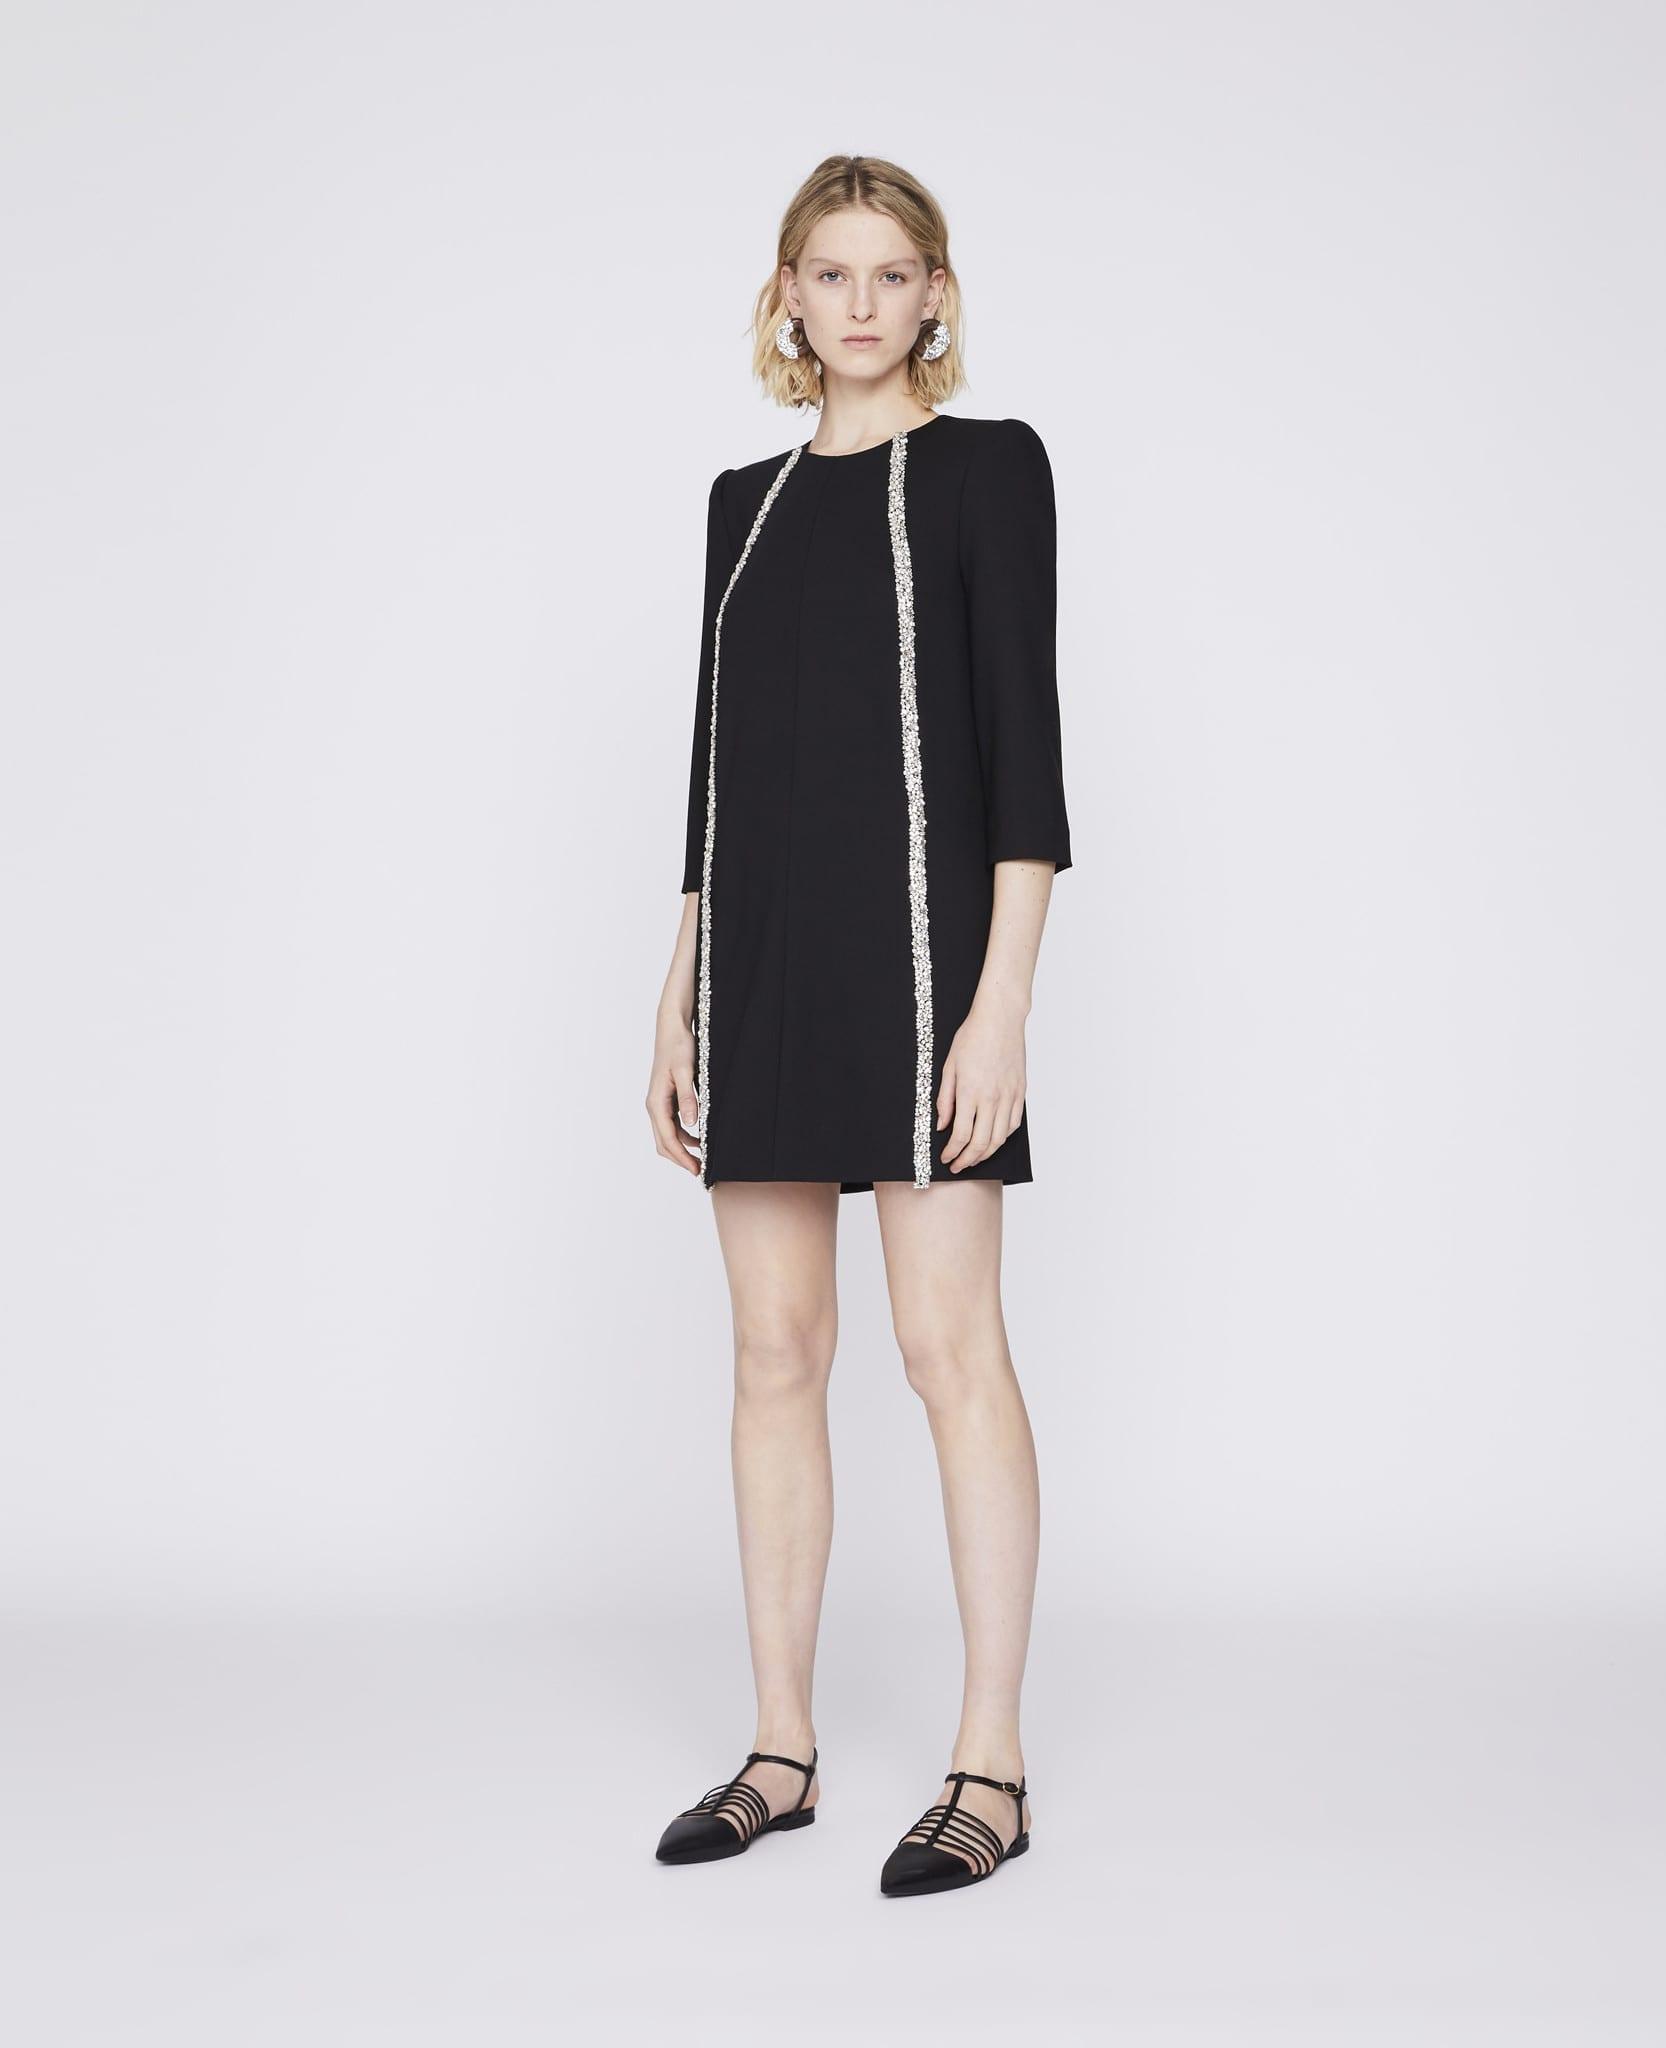 STELLA MCCARTNEY Zoe Wool Dress